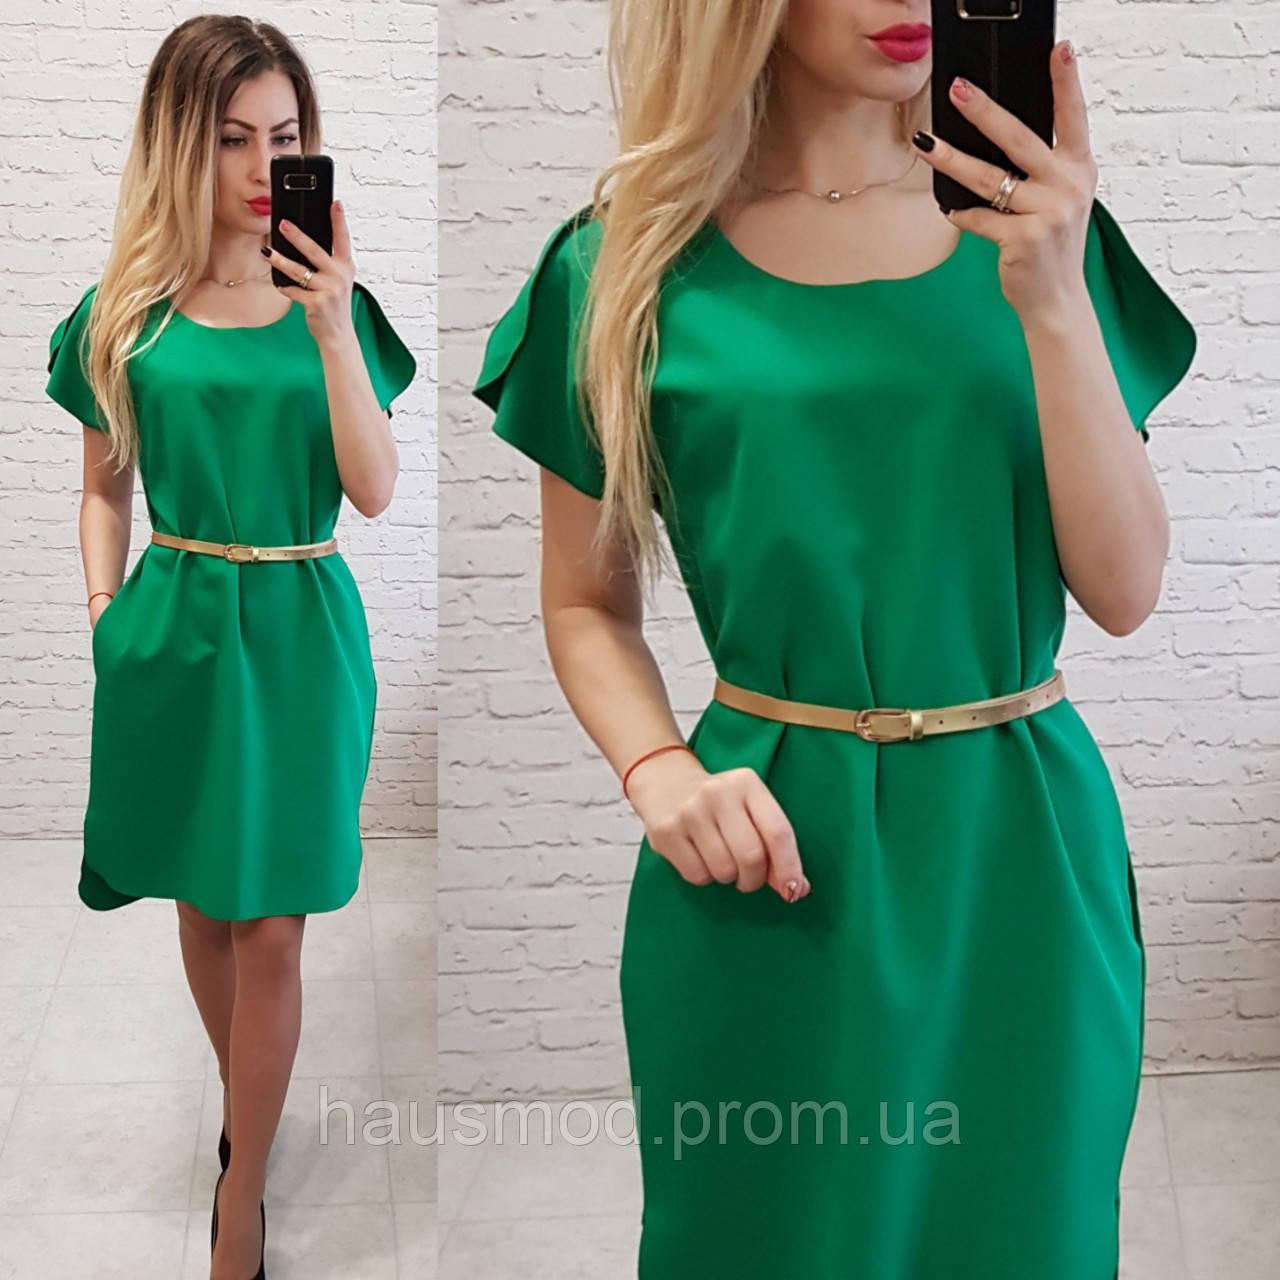 Женское платье карман пояс в комплекте цвет зеленый